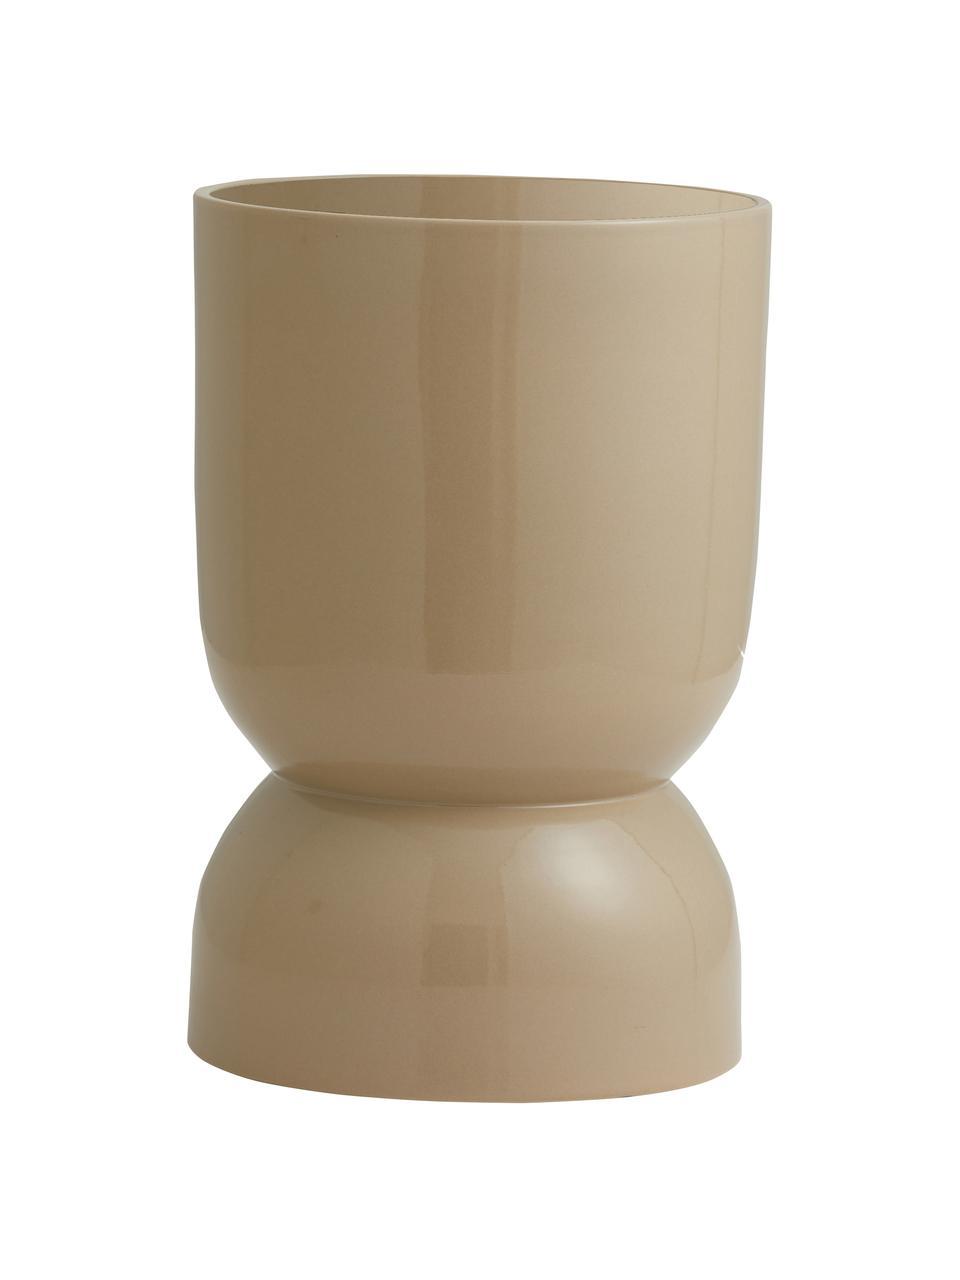 Grand cache-pot céramique Ajon, Beige